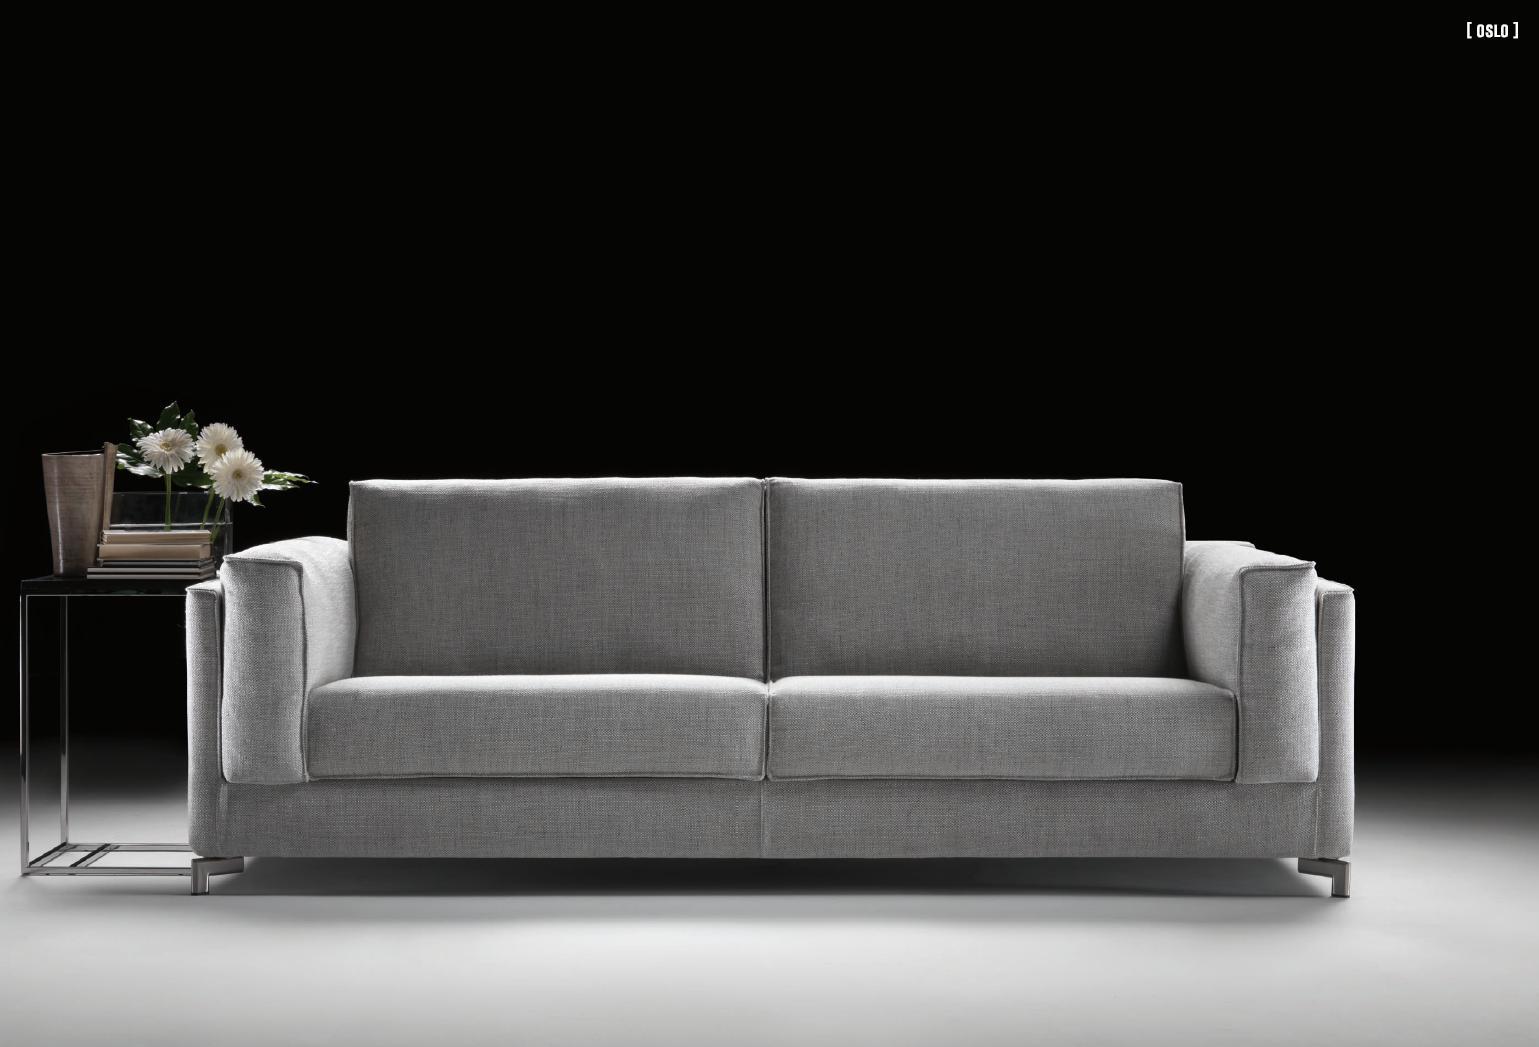 Divano moderno berlin divani moderni salotti divani e for Salotti moderni